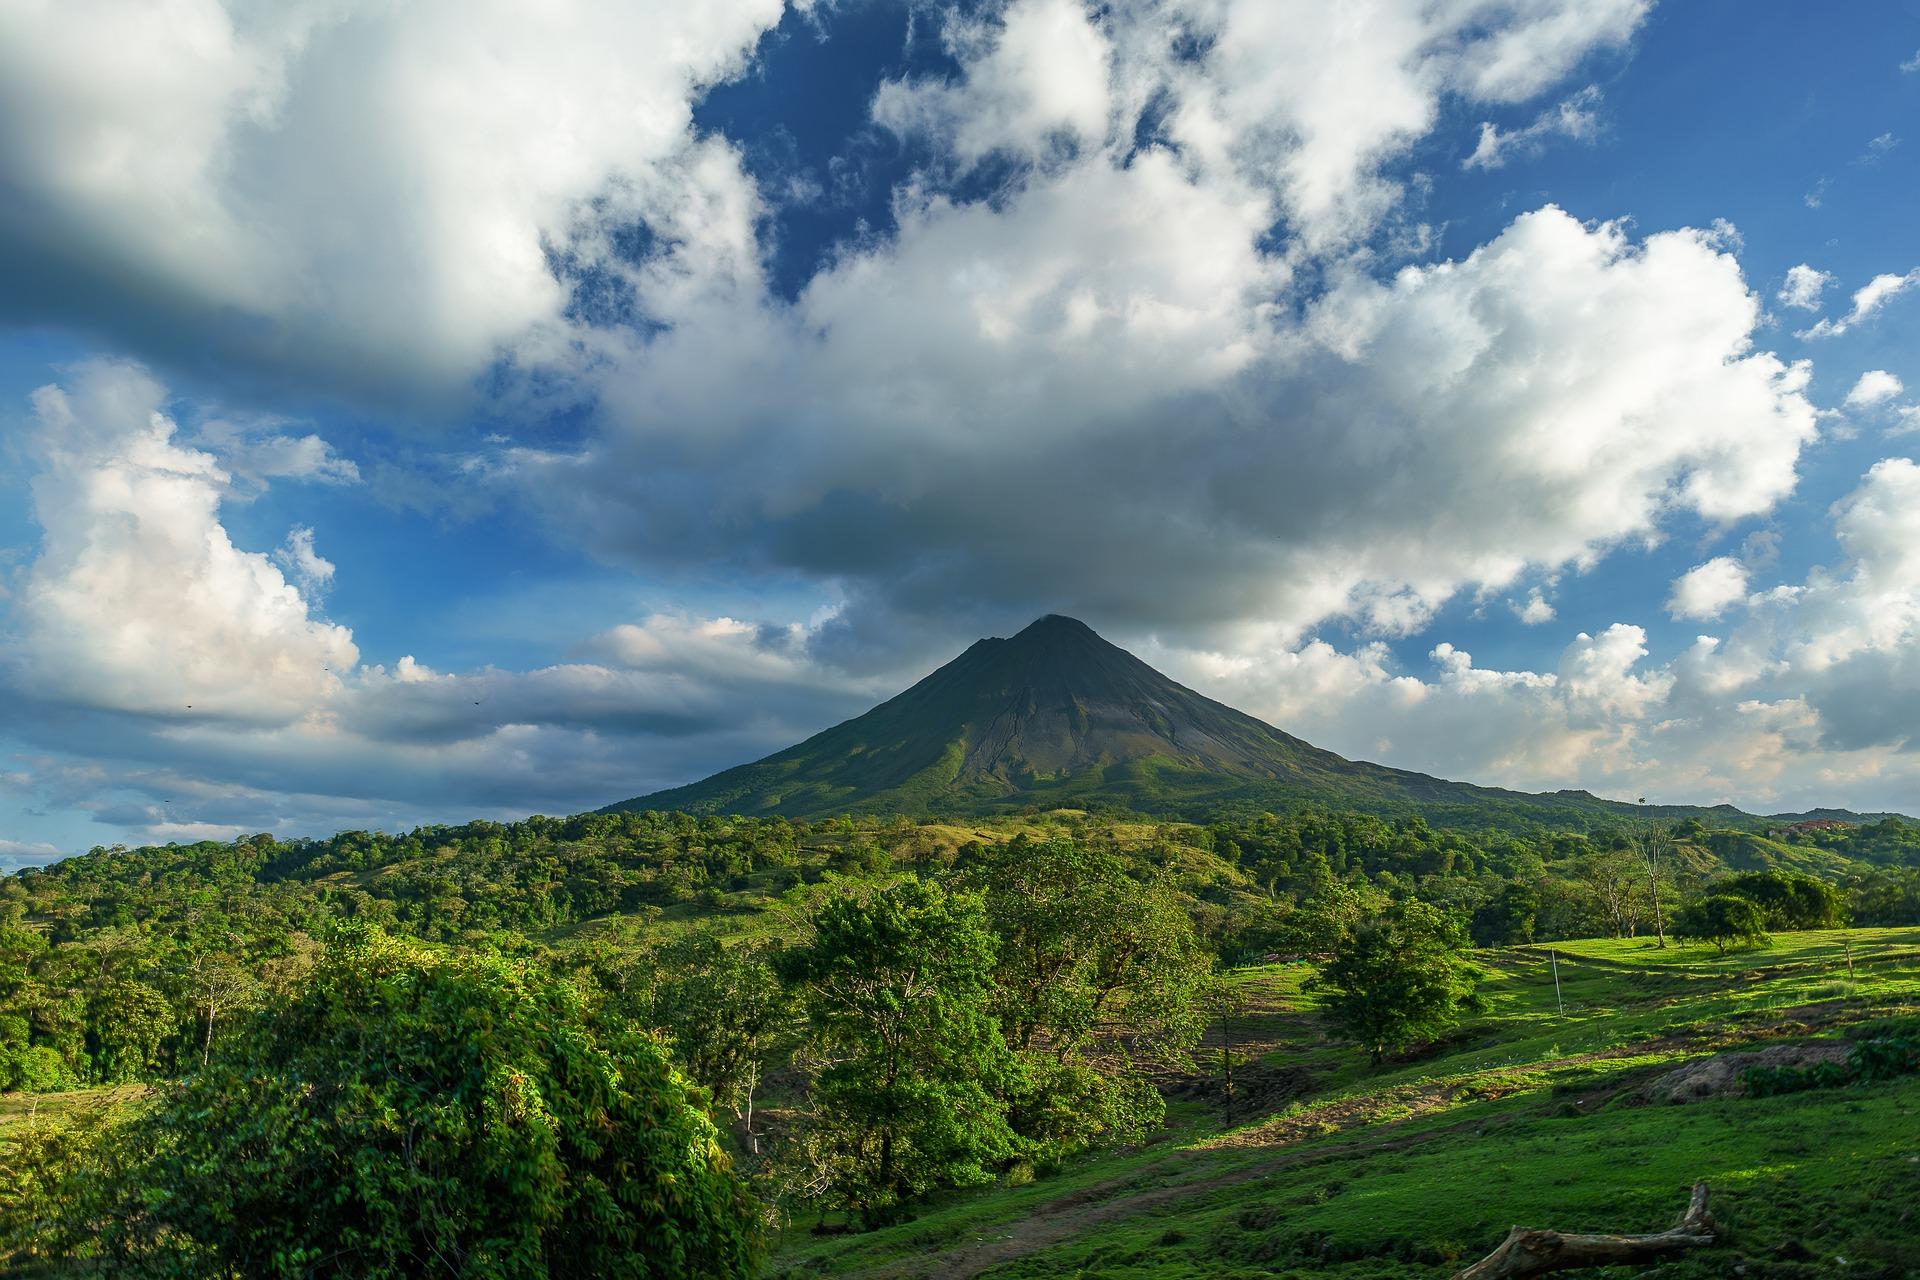 volcano-2355772_1920.jpg